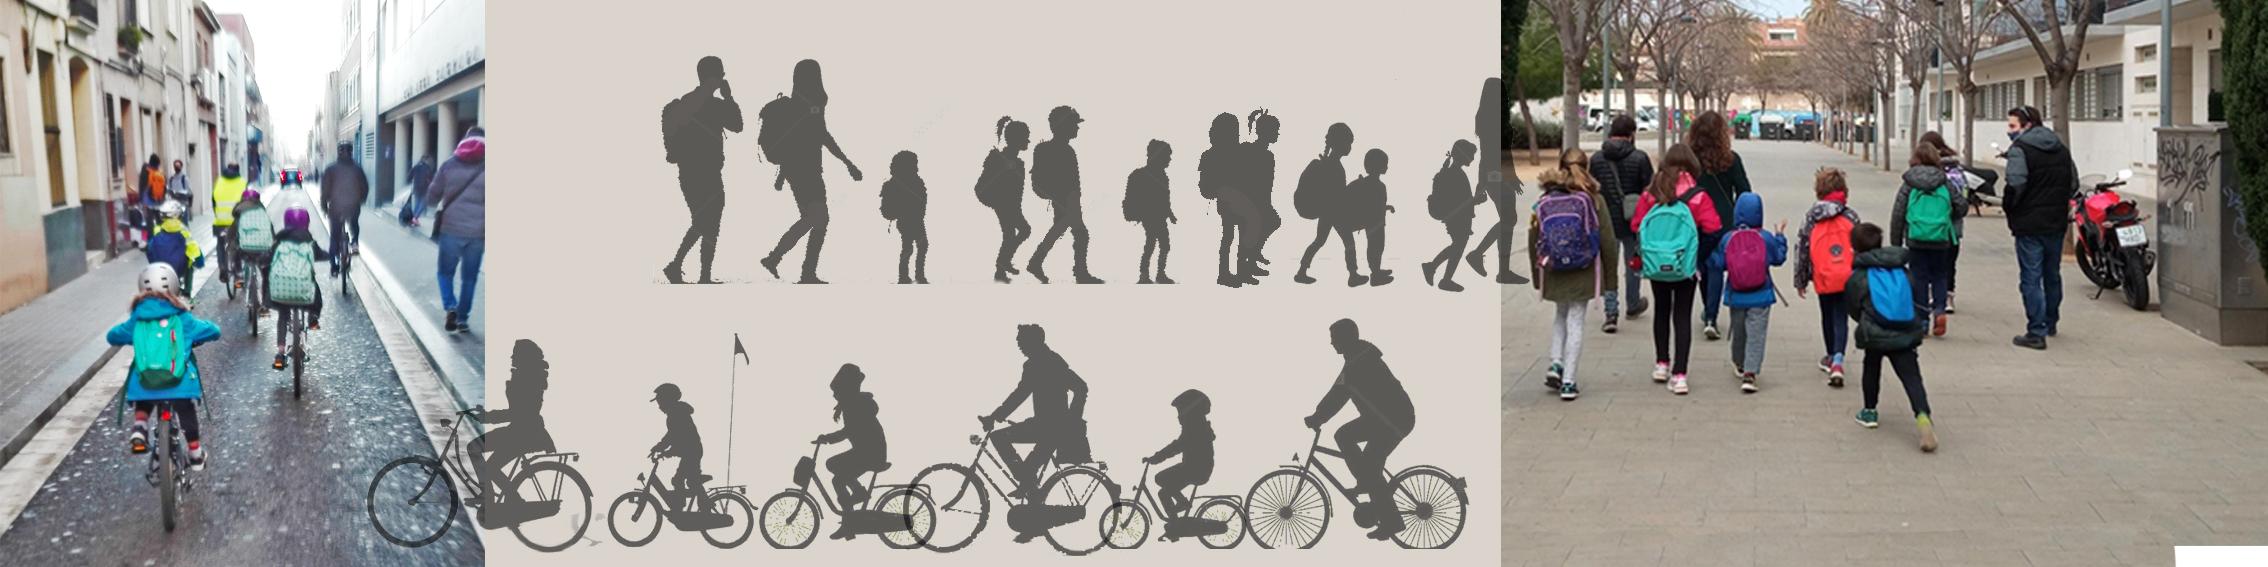 Bus-bici i bus-a-peu